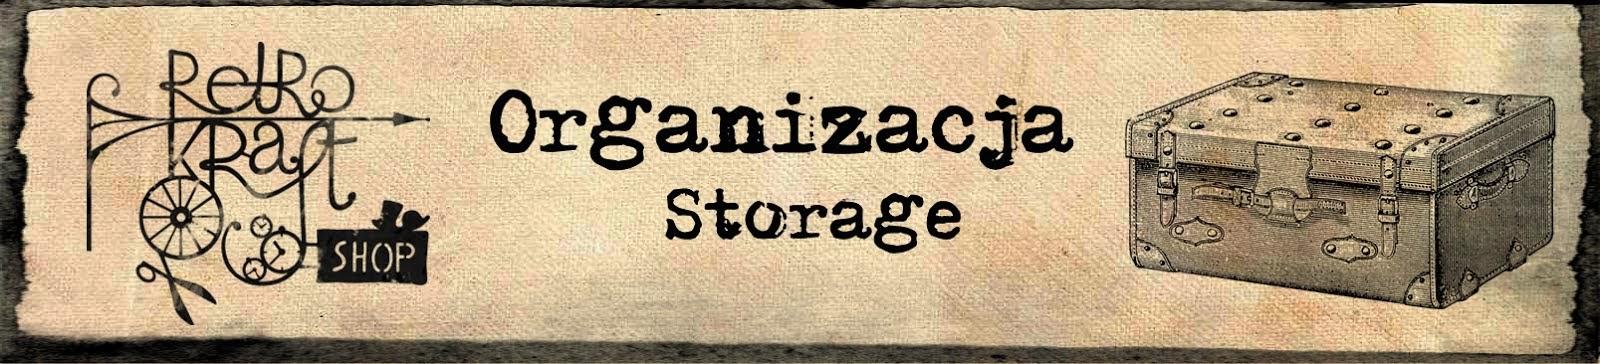 Organizacja / Storage